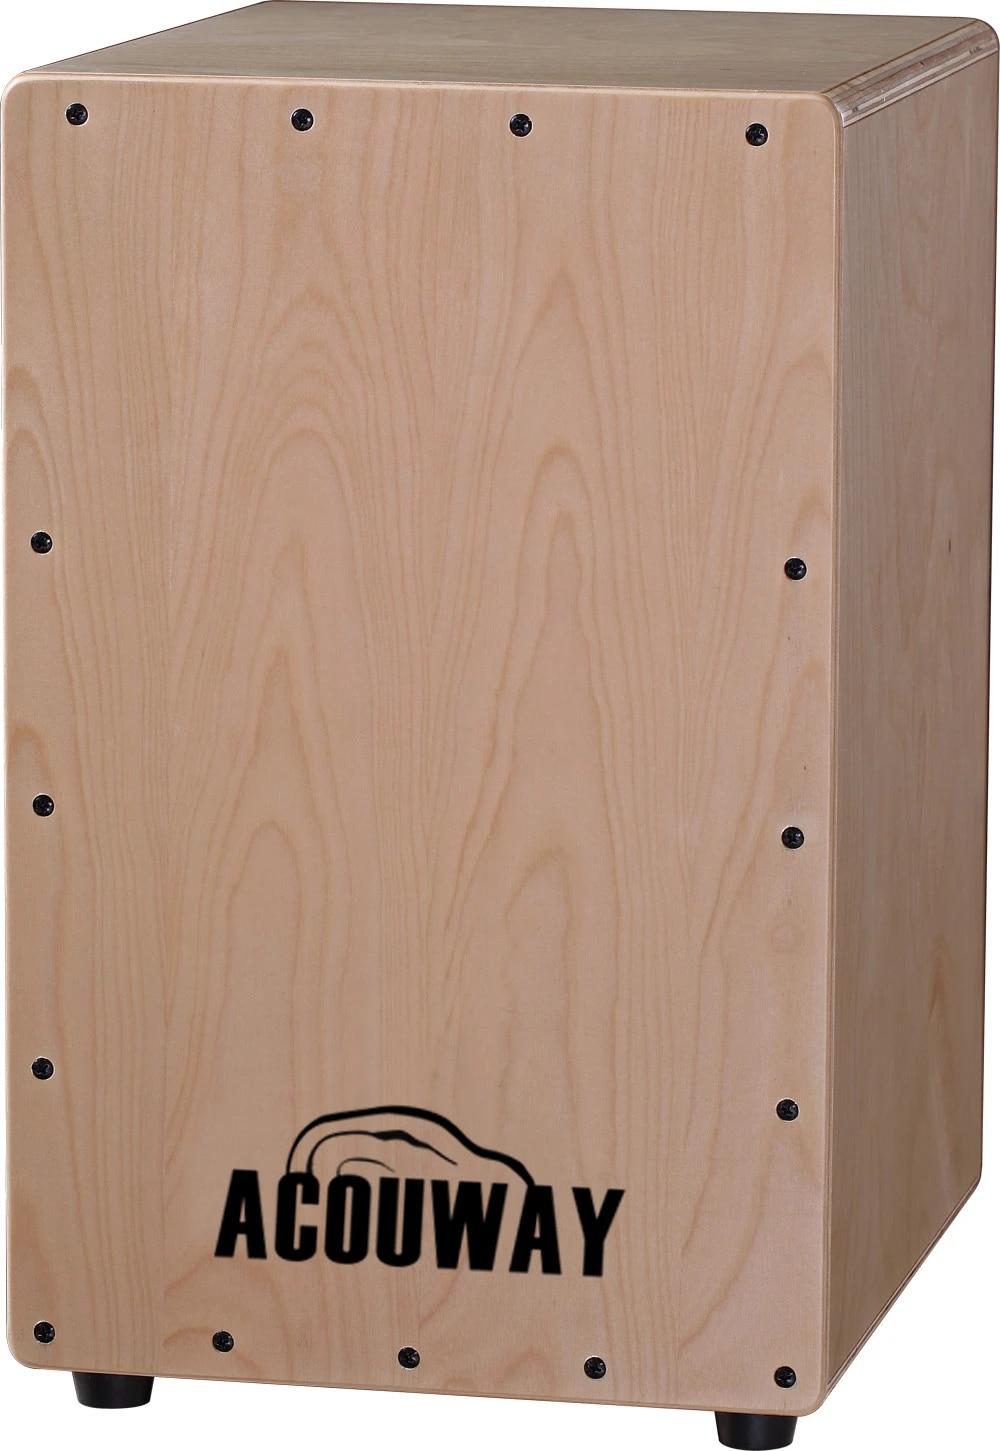 Drum Kotak : kotak, Akustik, Flamenco, Cajon, Jalan, Perkusi, Duduk, Kotak, Bangku, Kursi, Furniture|drum, Cajon|cajon, Drumwooden, AliExpress